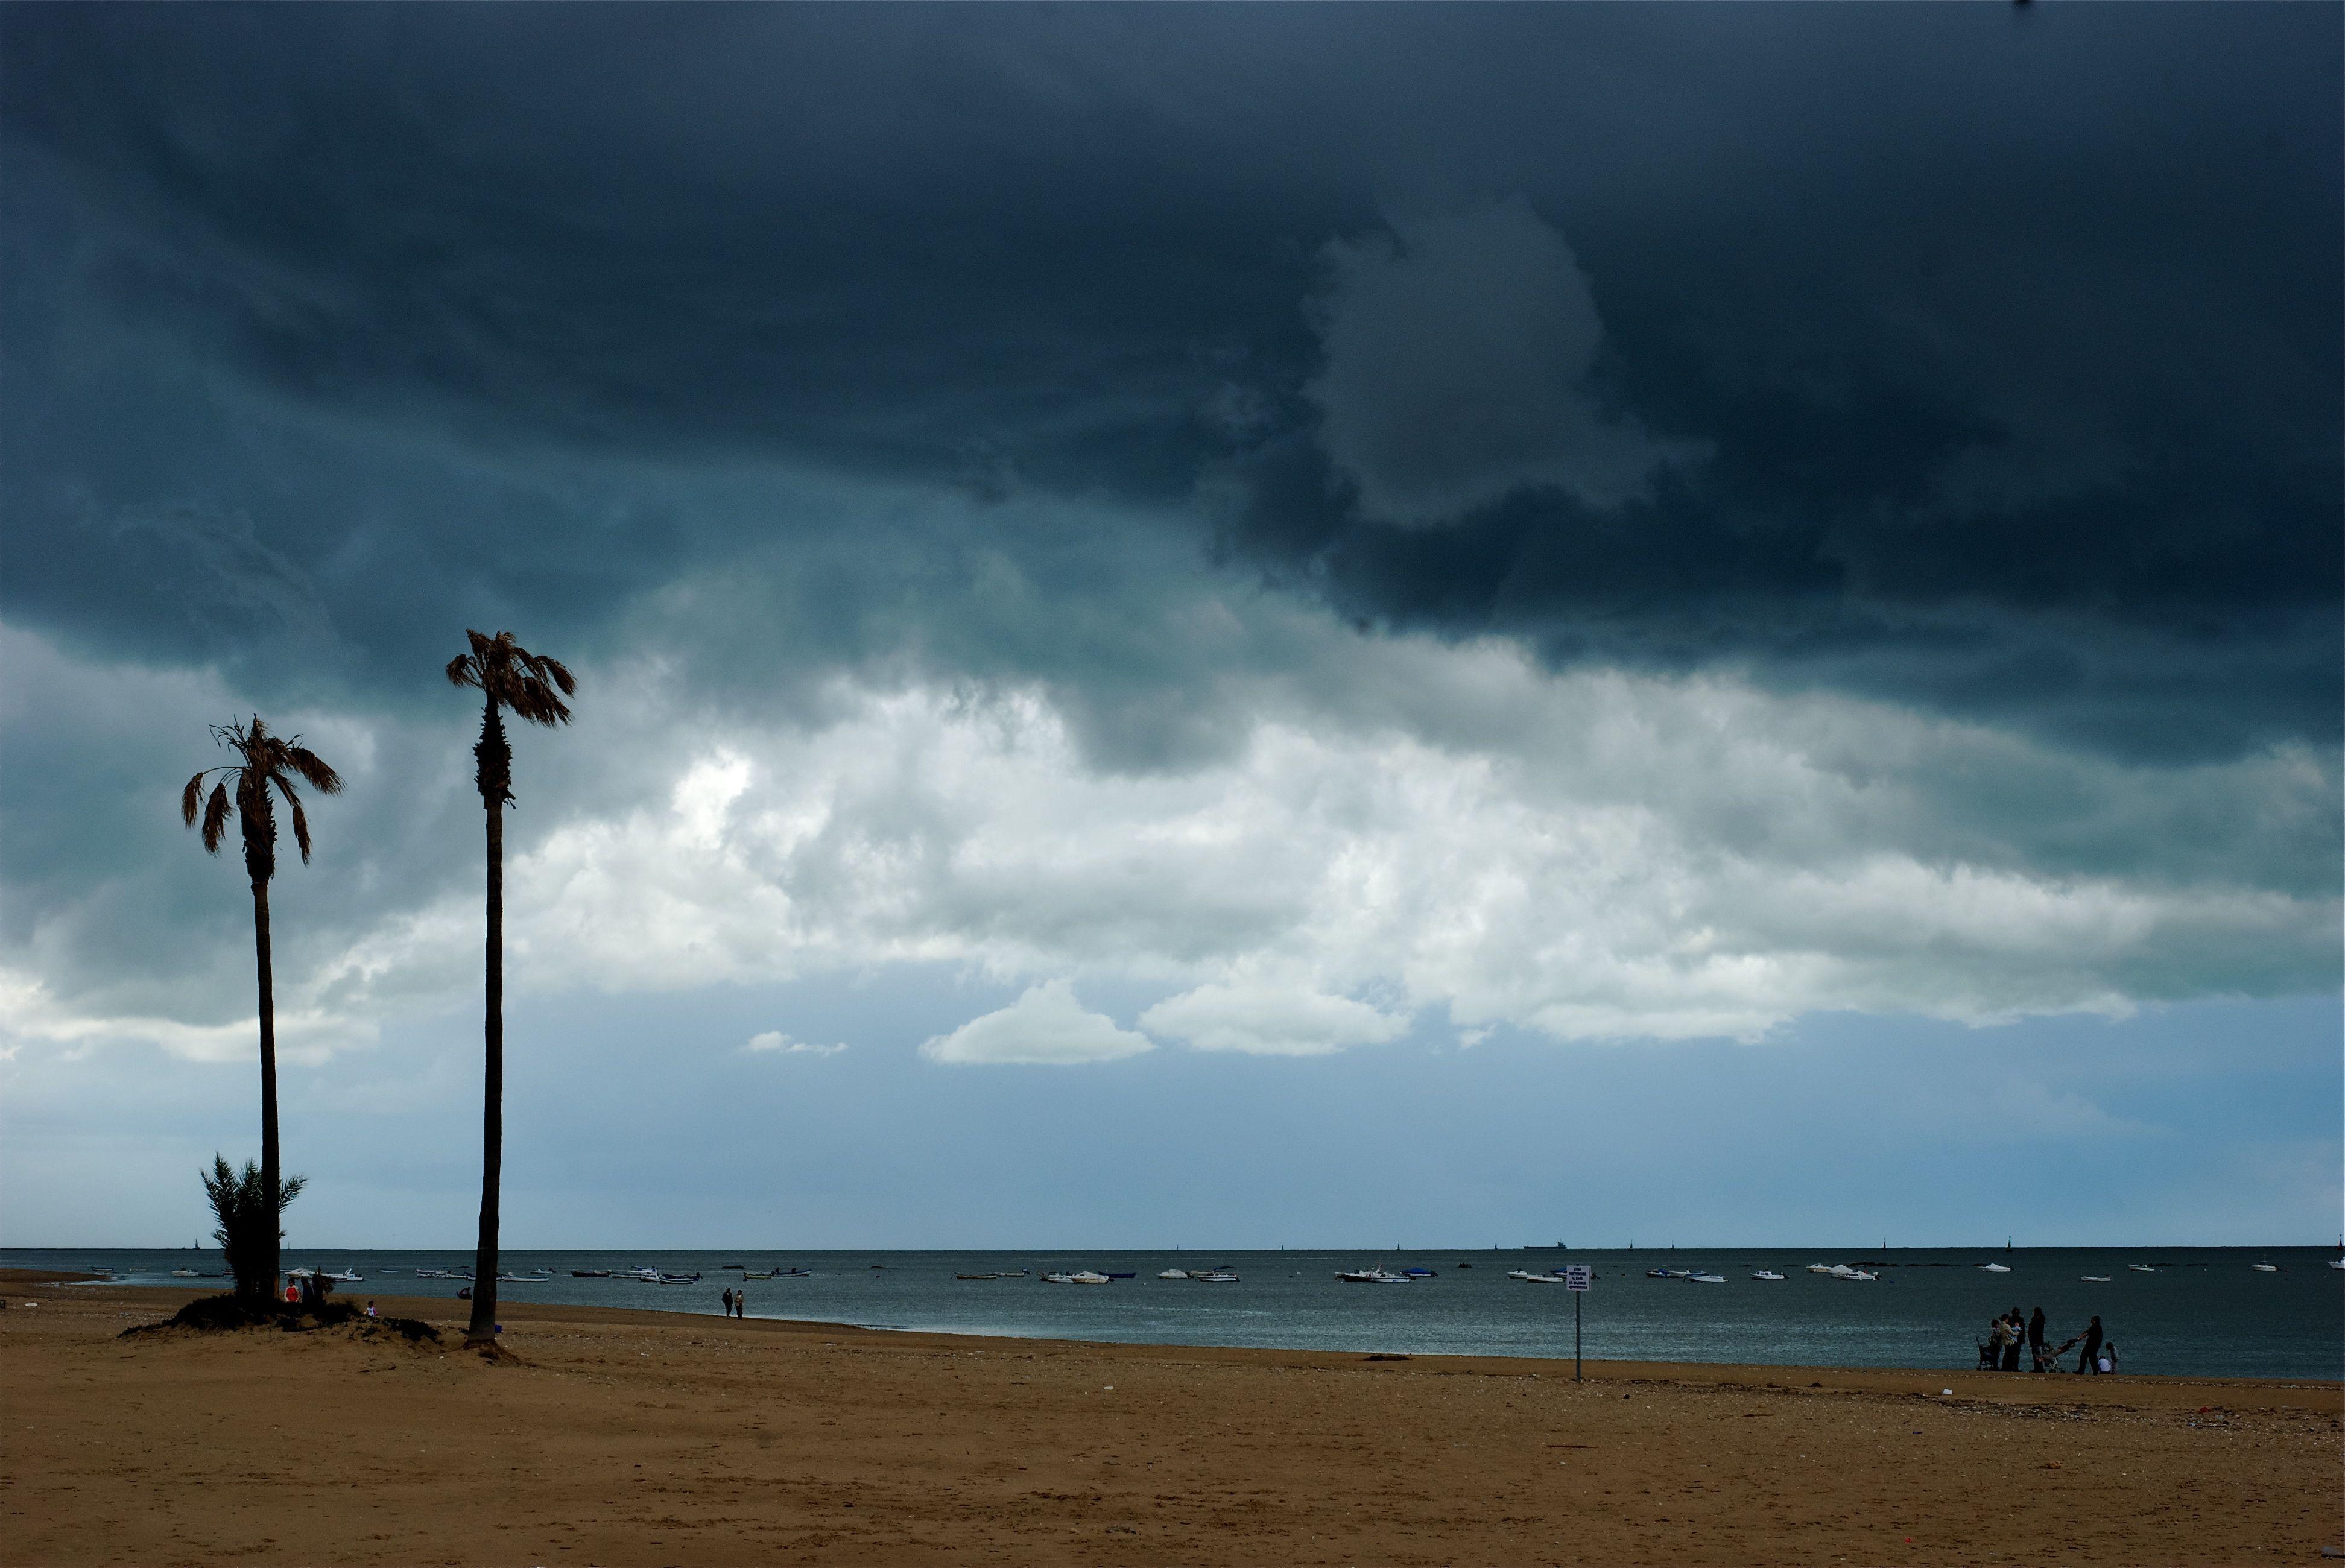 Foto playa La Calzada / El Hipódromo / Playa de Sanlúcar. Tormenta. Playa de la Calzada. Sanlucar de Barrameda